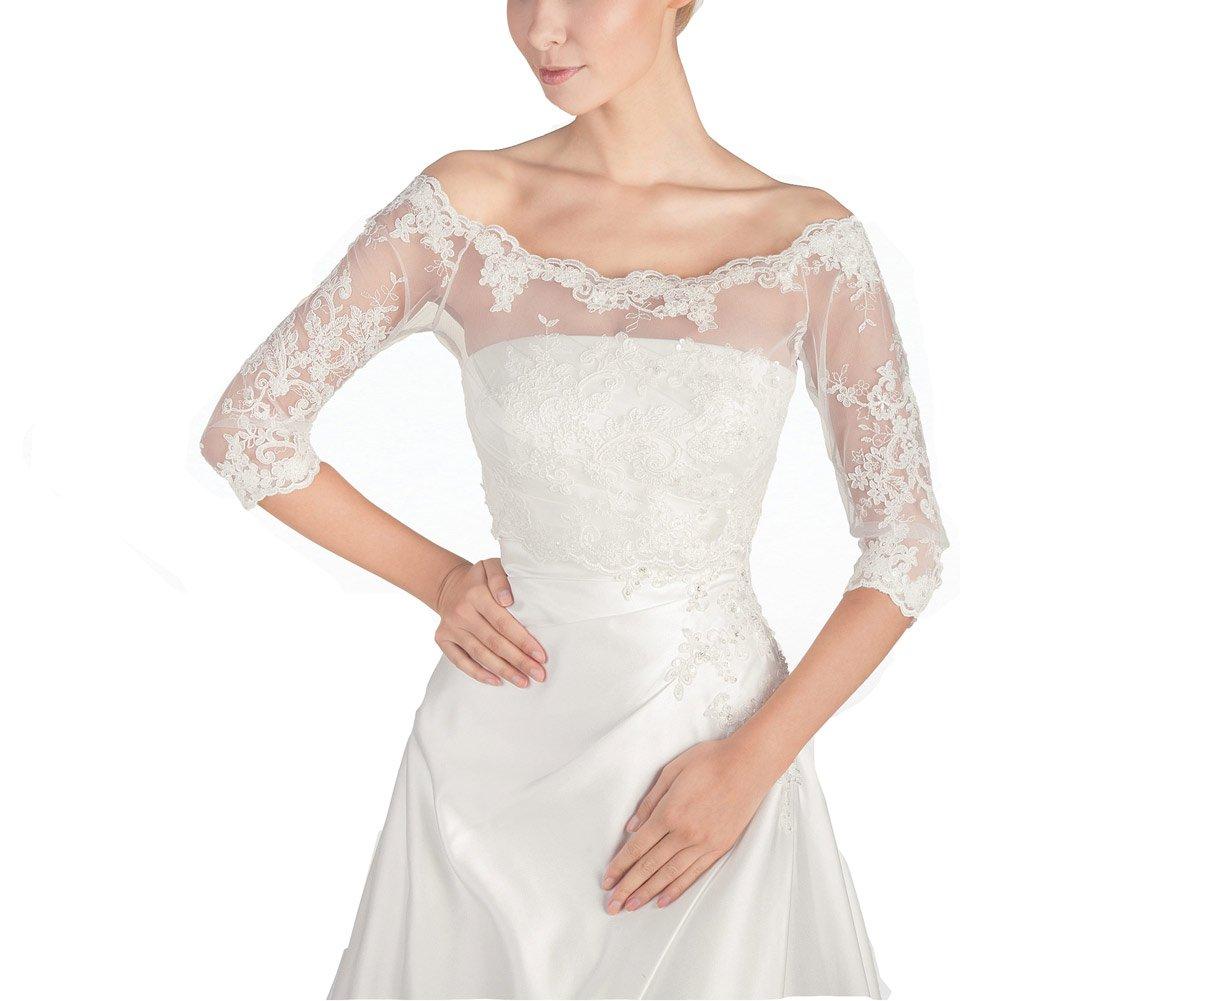 GEORGE BRIDE Women's Wedding Bolero Lace Jacket with Medium Sleeve Lace Jackets (XL-Short Sleeve, Ivory)